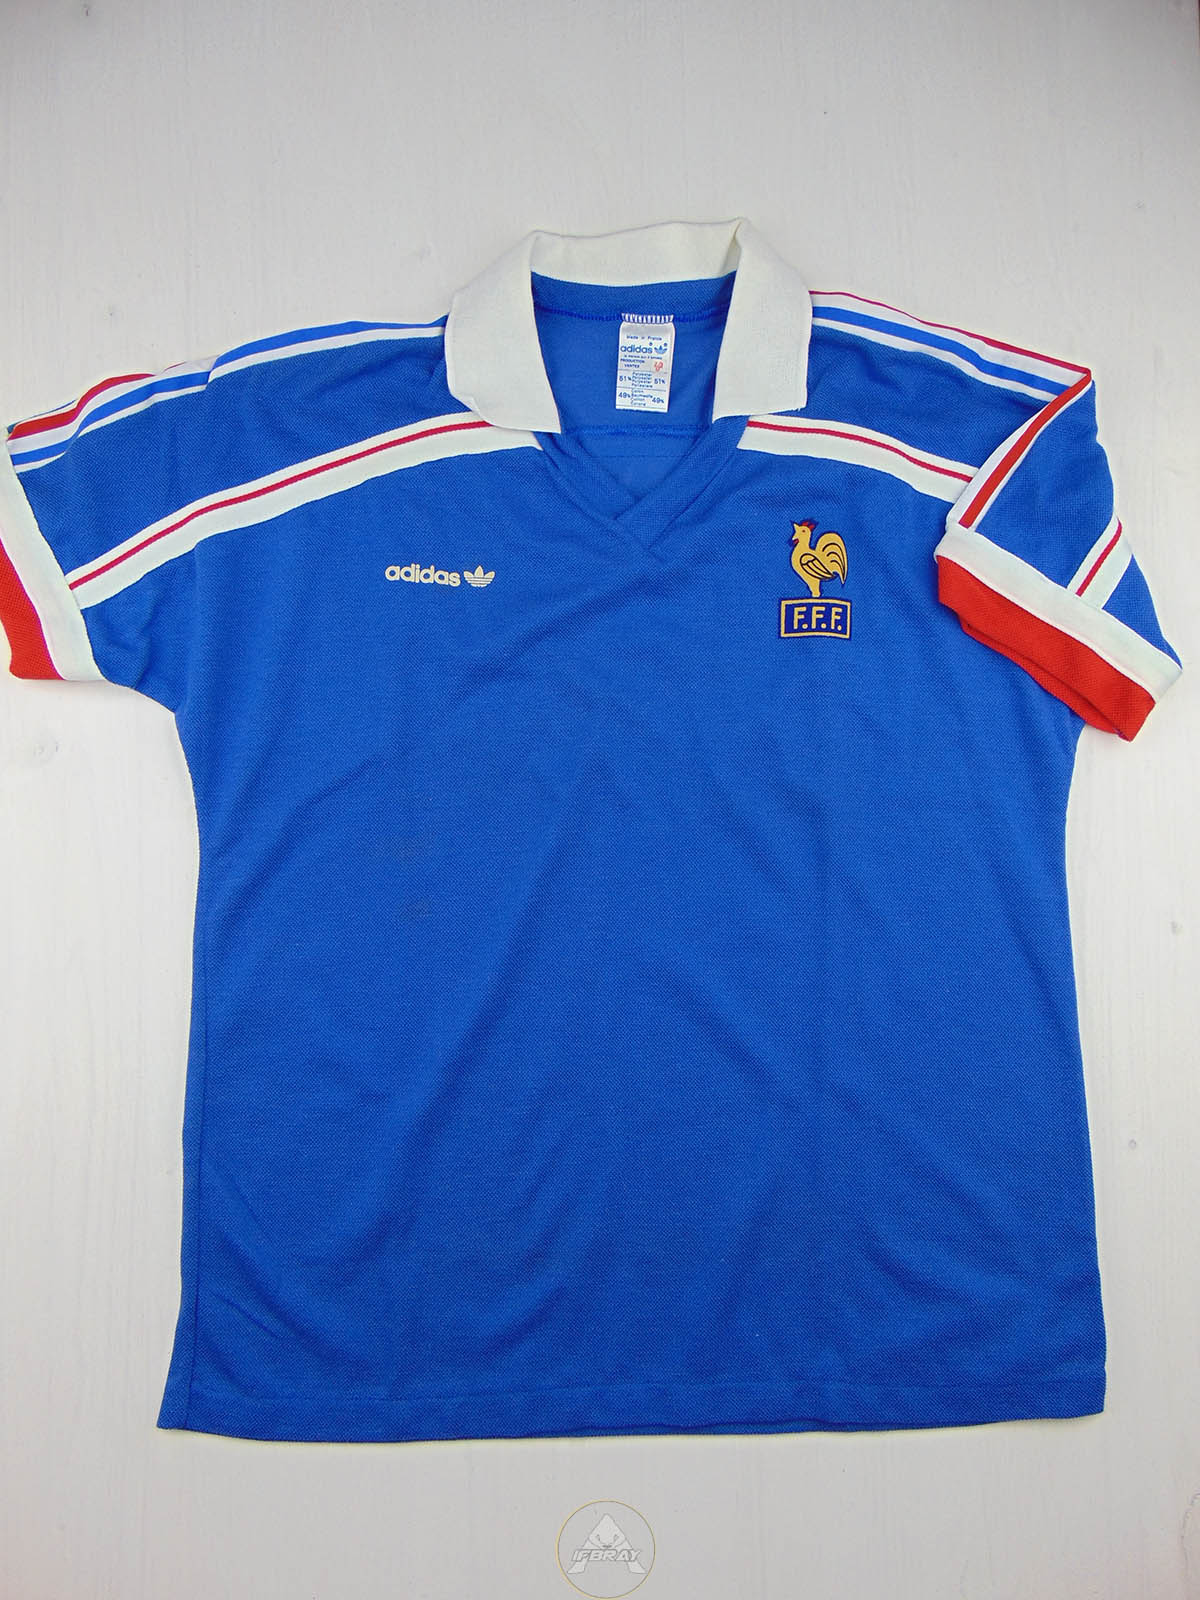 eedb3ec4c Vintage Adidas Soccer T Shirt - Gomes Weine AG